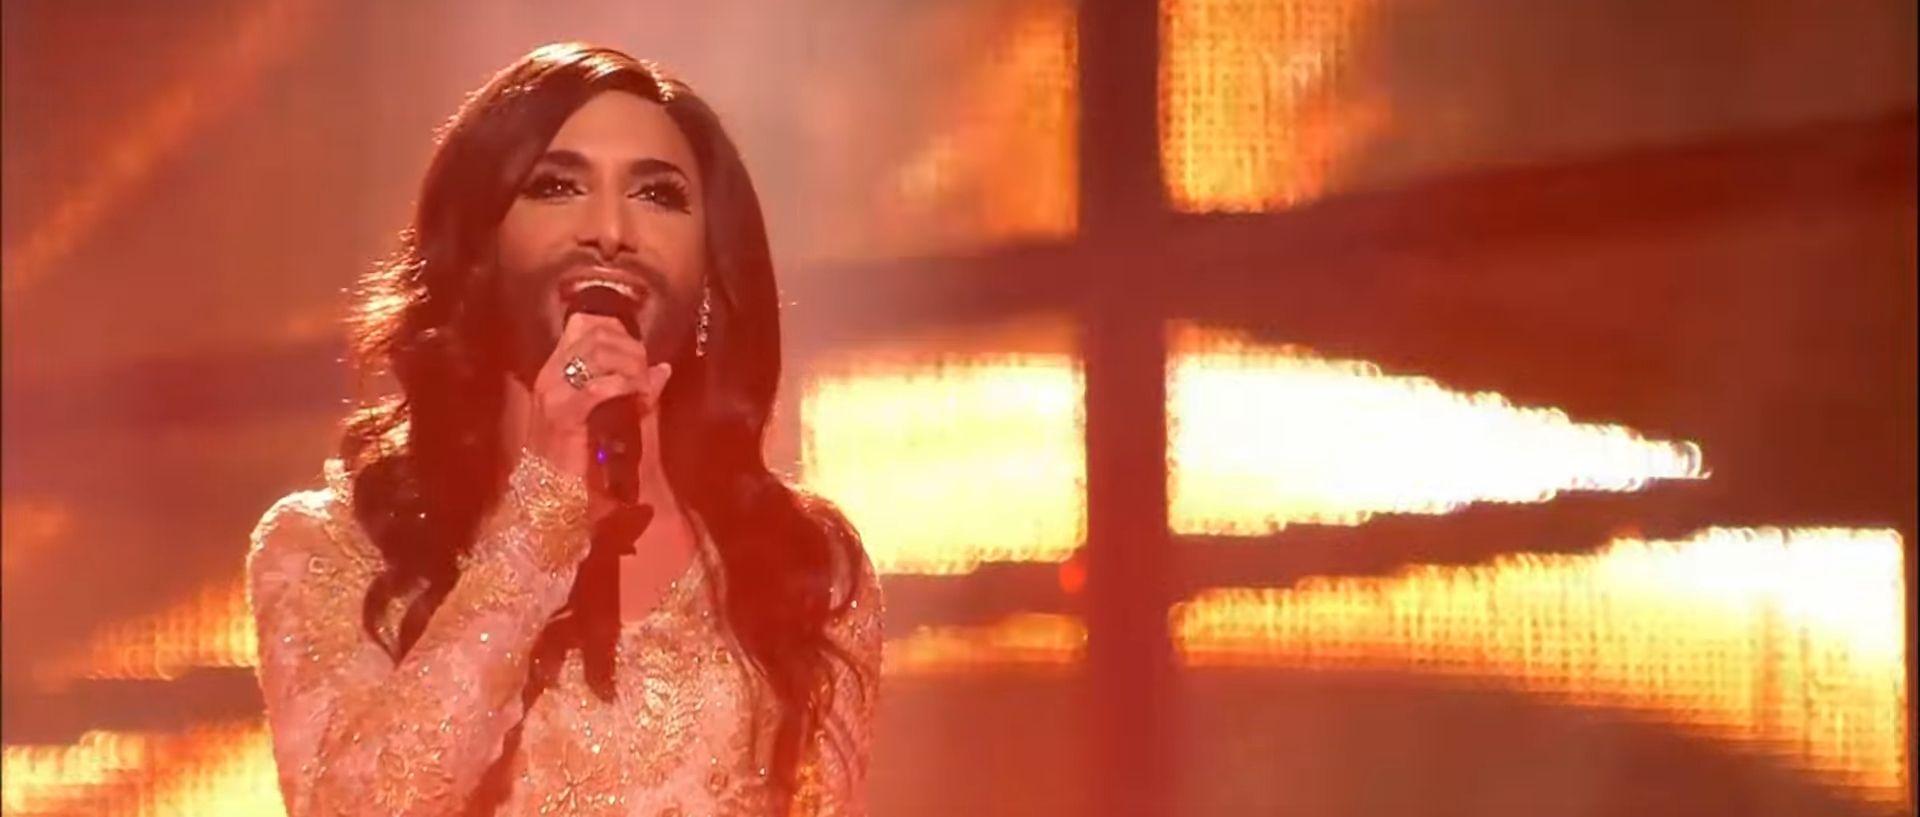 Turska nastavlja bojkotirati Eurosong, poručili EBU da su iznevjerili svoje vrijednosti